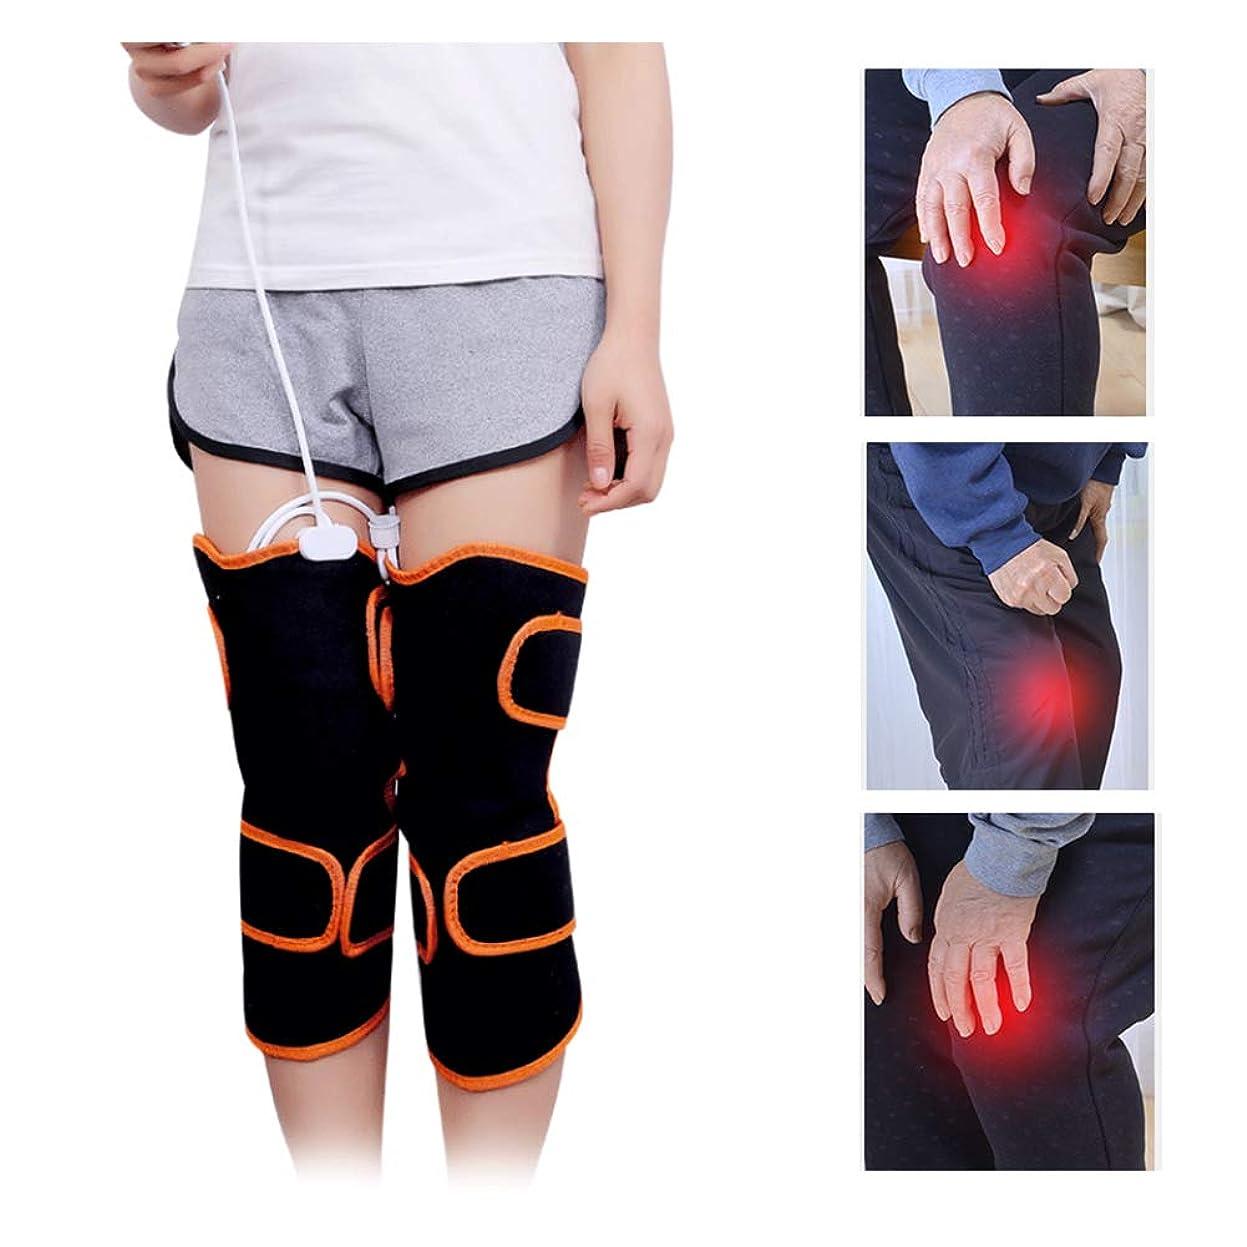 資本リボンカレンダー暖房膝ブレースラップサポート - 膝温熱パッド - 9マッサージモードと膝のけが、痛みを軽減するための5つの速度で治療マッサージャー